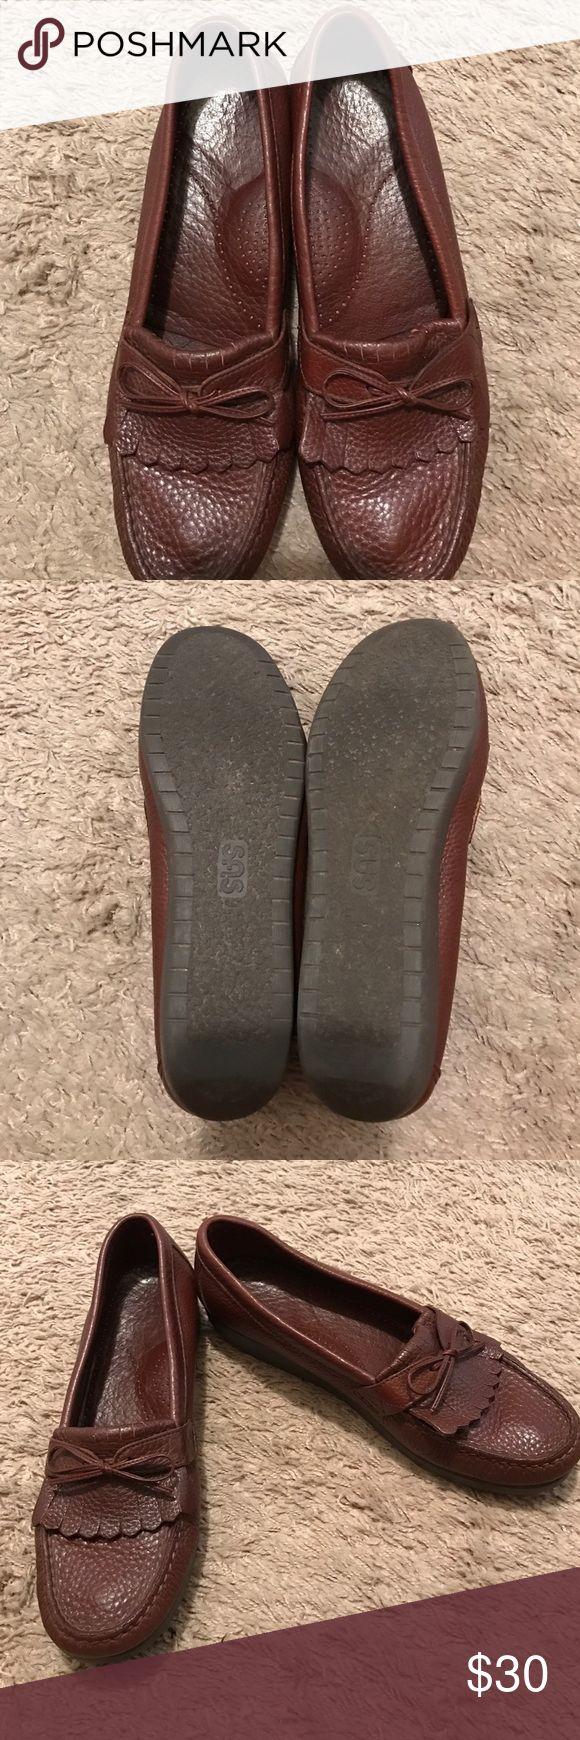 SAS SHOES SAS LADIES SHOES EUC size 10.5 Sas Shoes Flats & Loafers